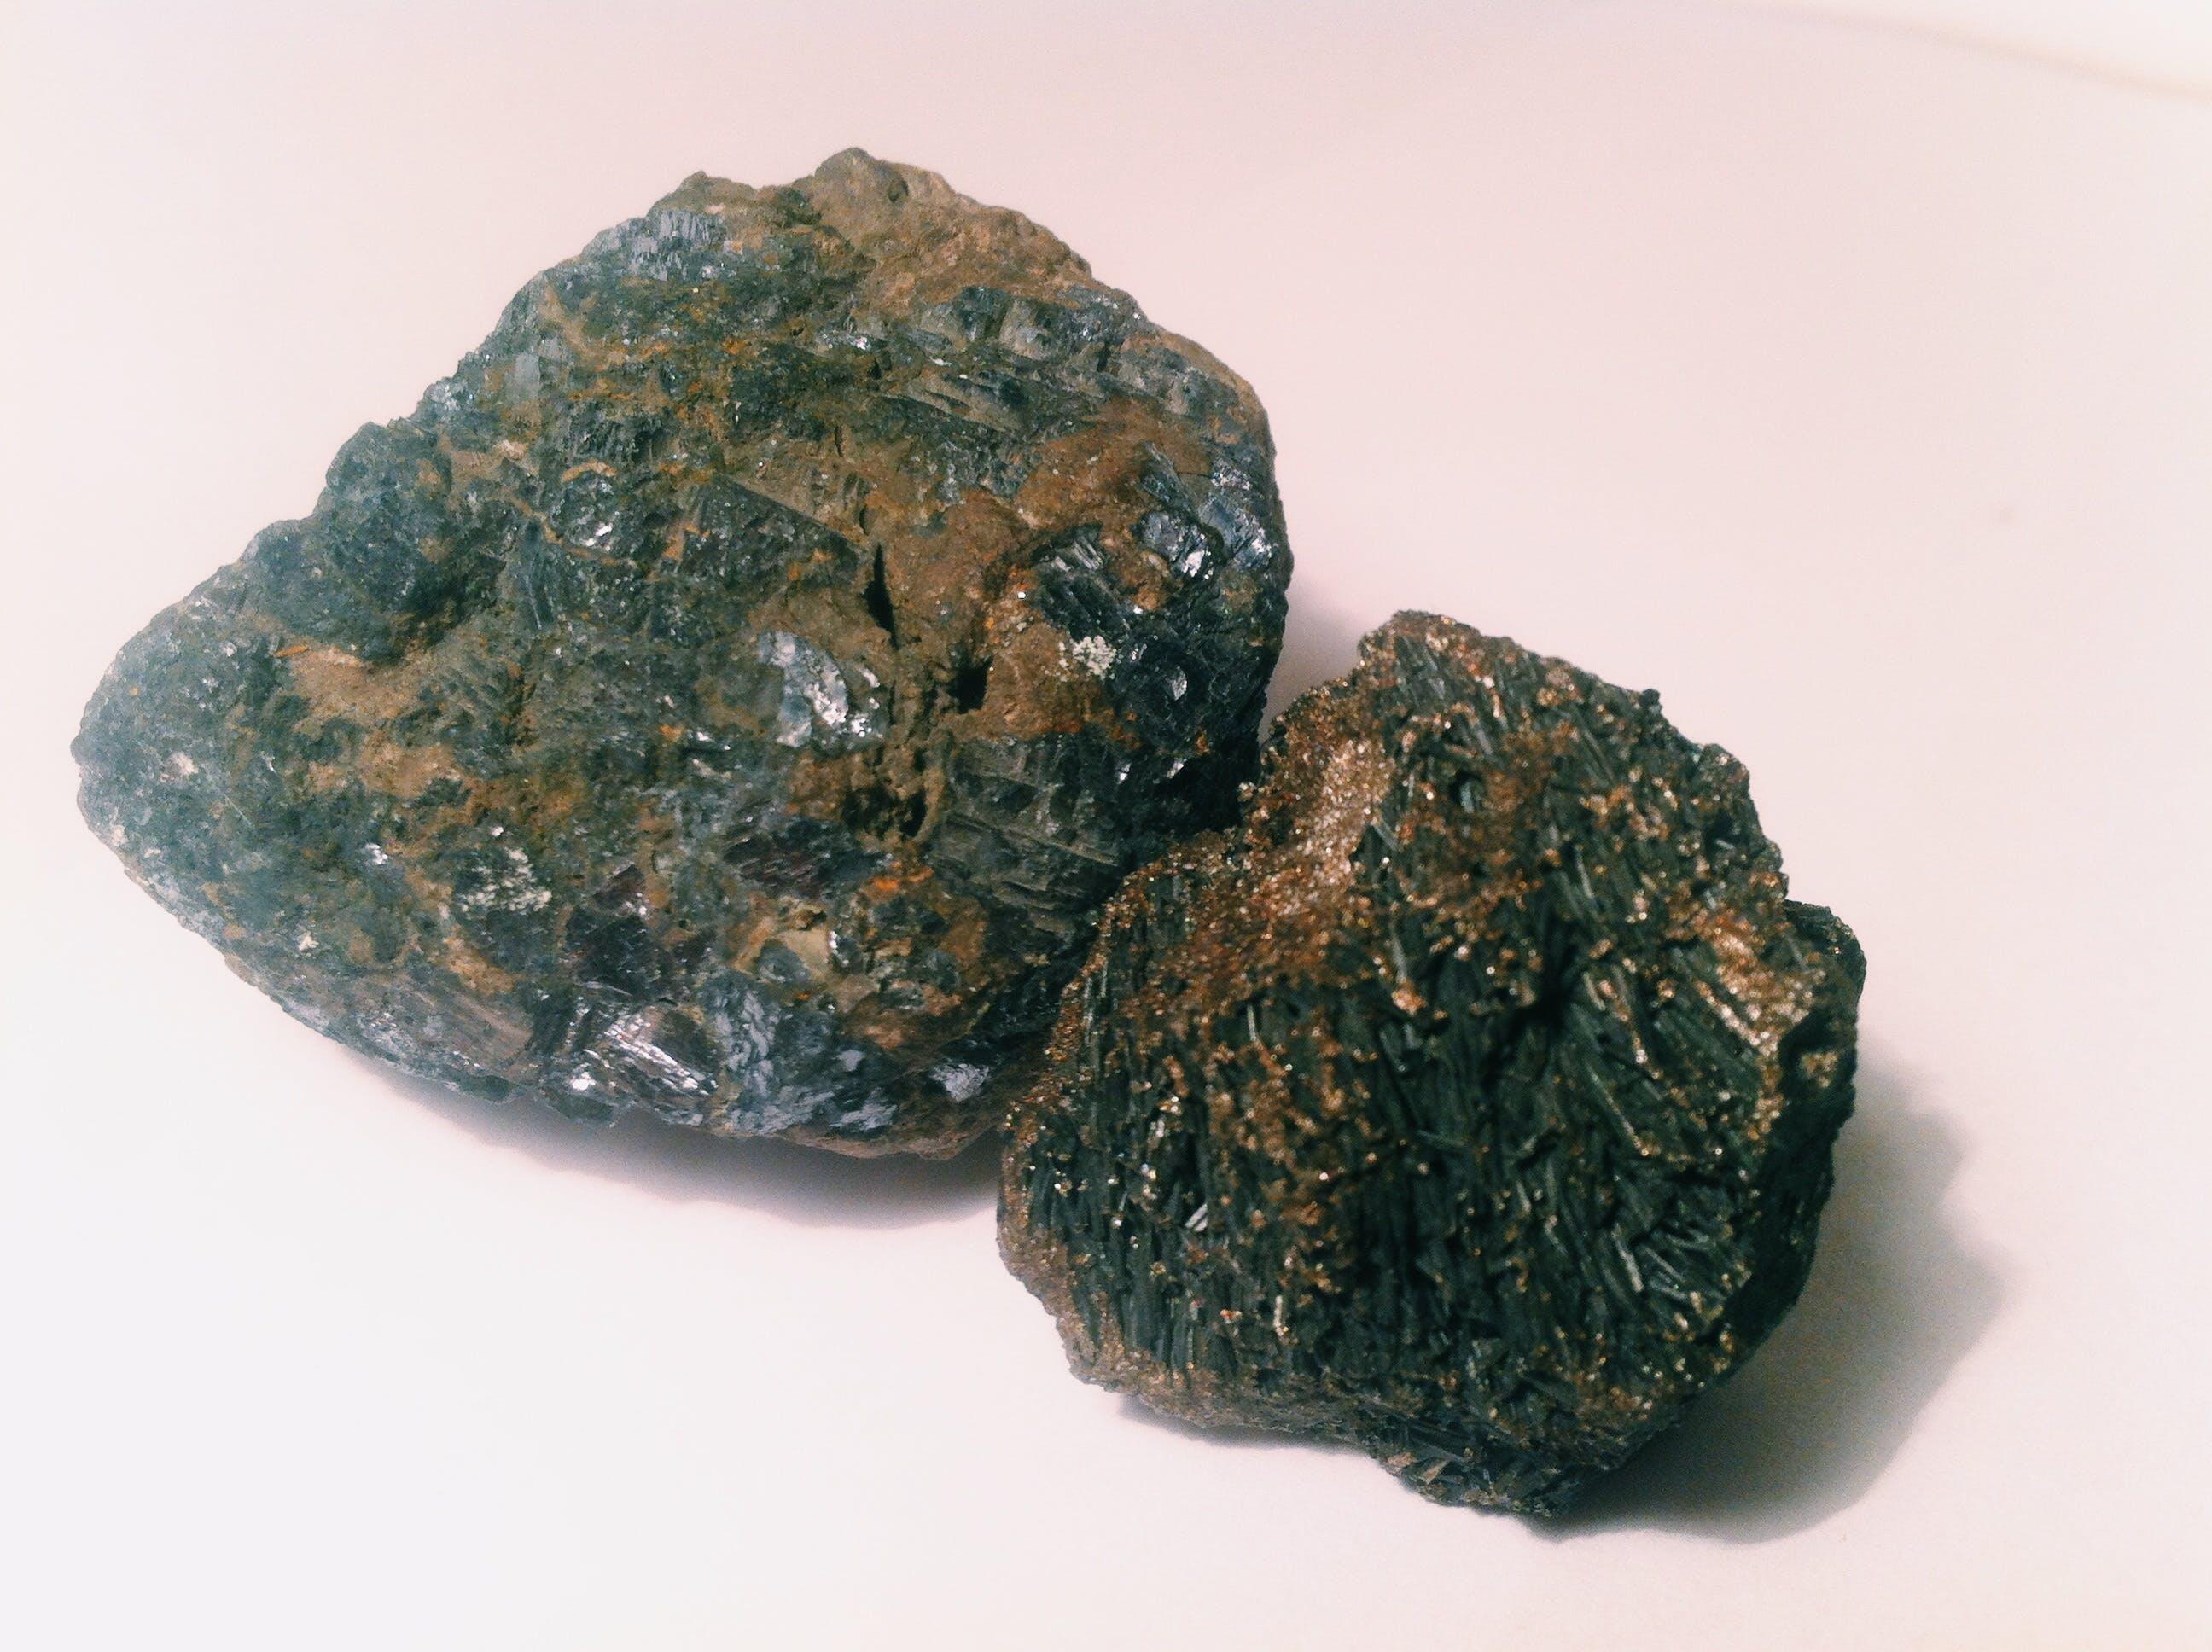 Free stock photo of metal, stone, noidea